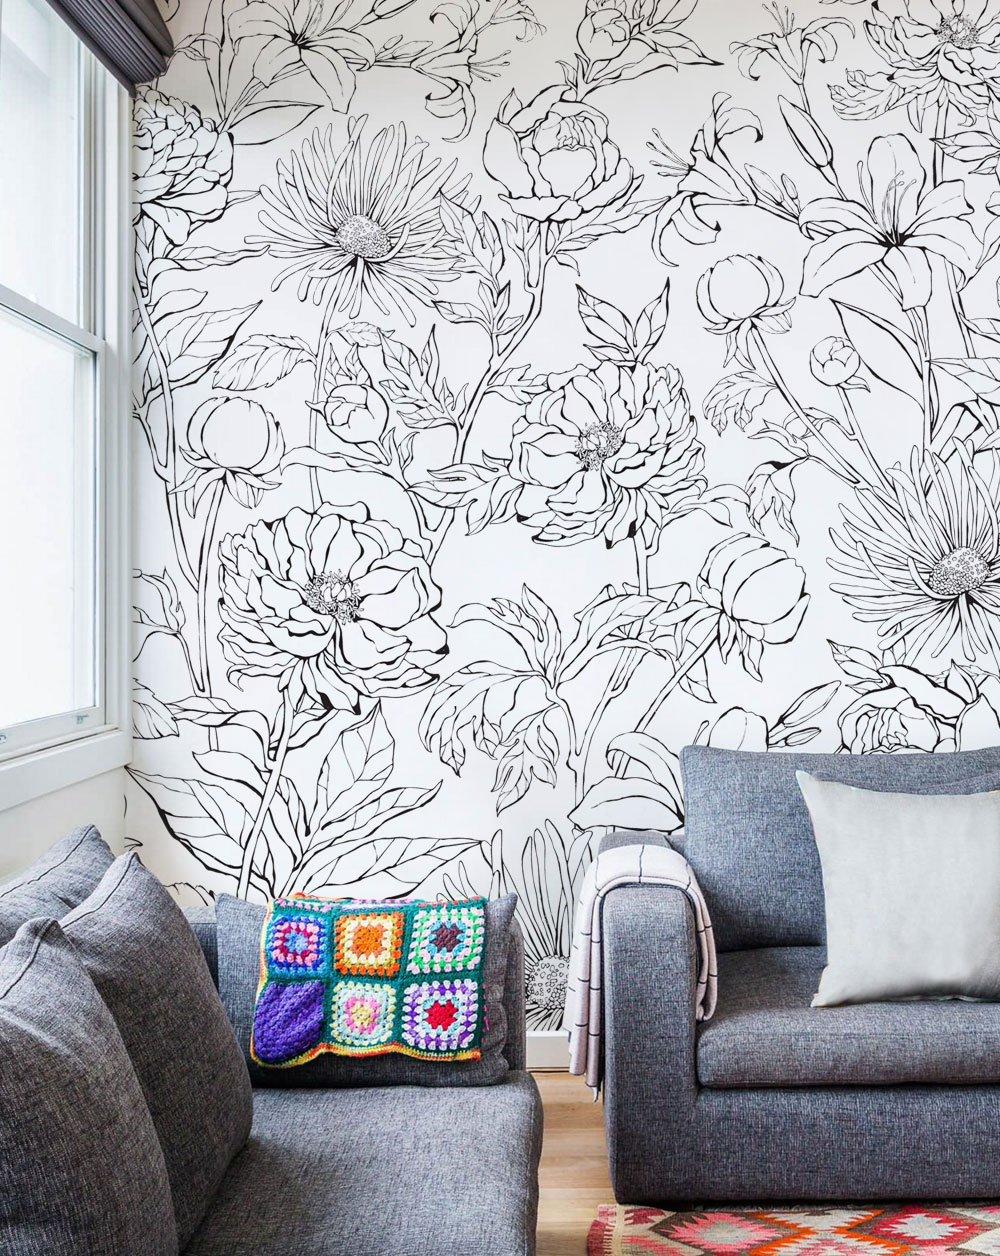 Botanical Garden Hand Drawn Flowers Mural Wall Art